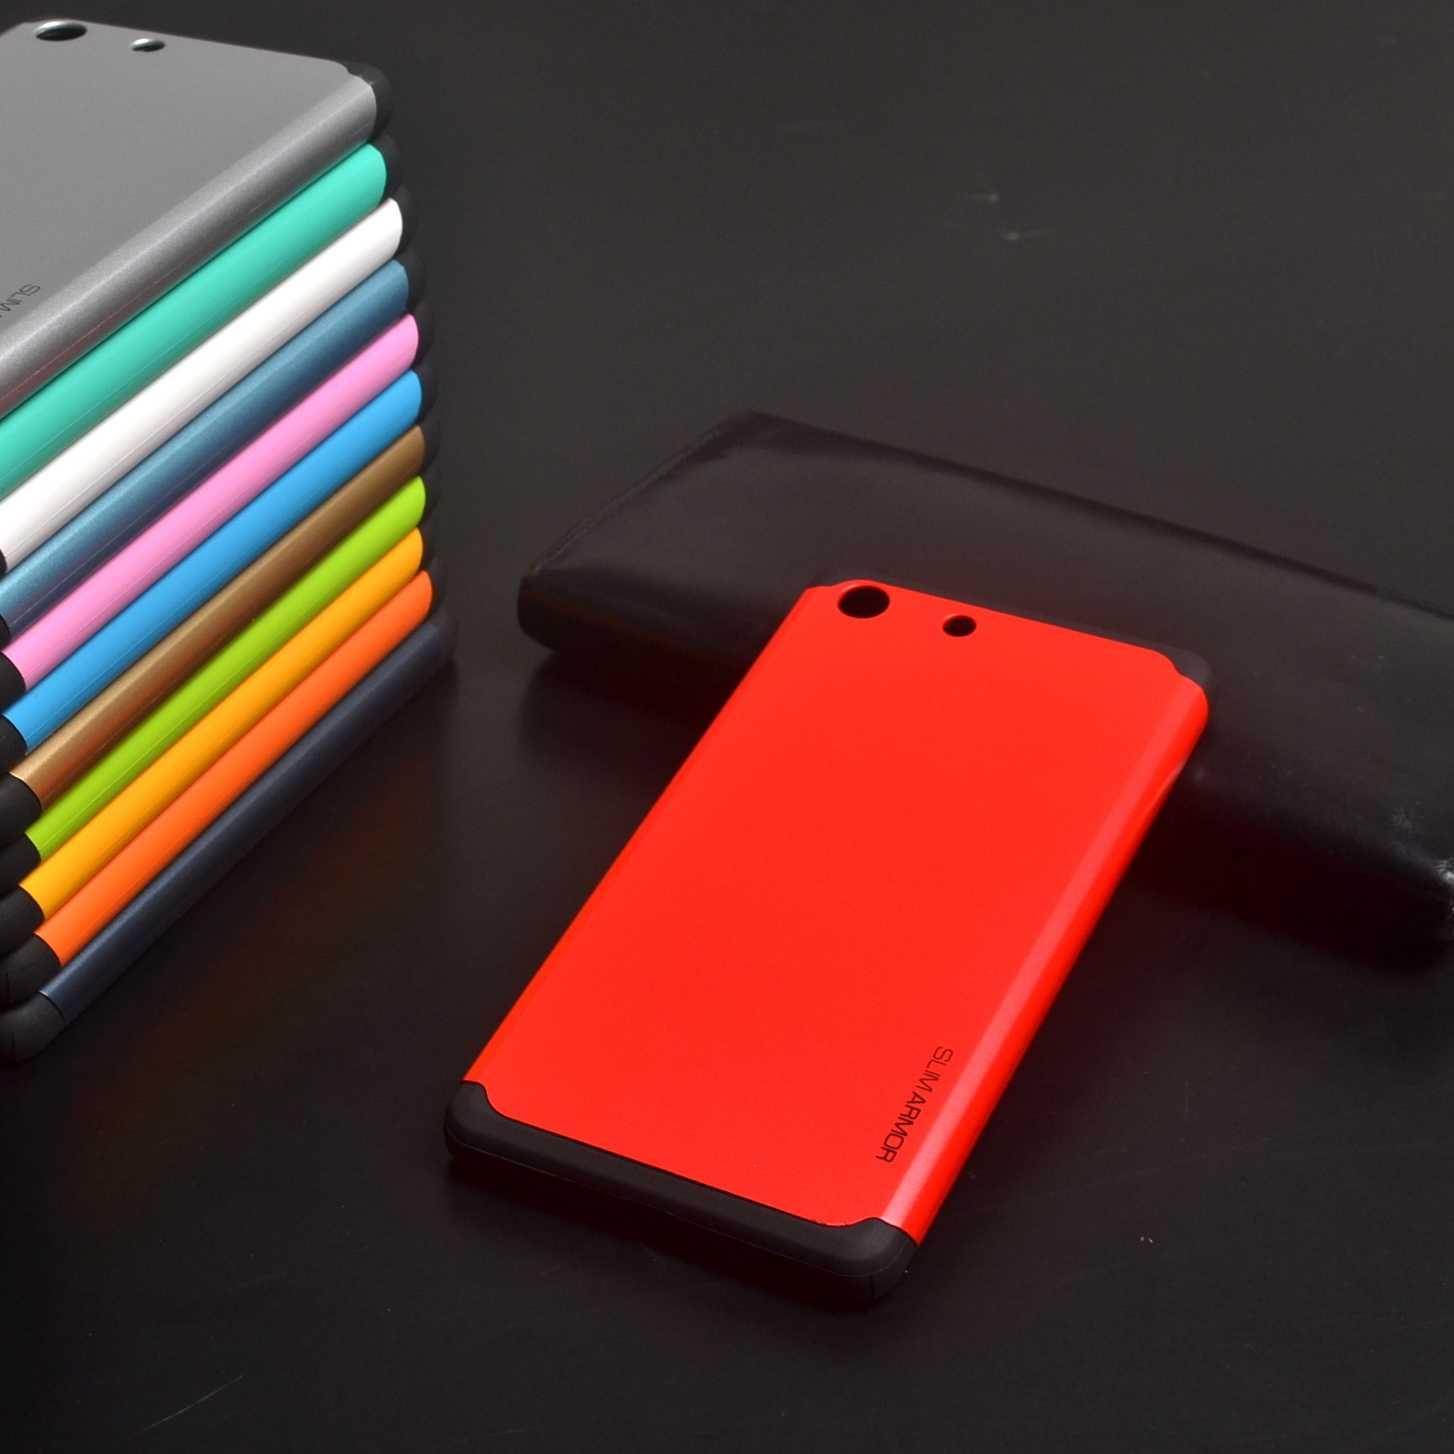 Модный противоударный тонкий защитный чехол для Sony Xperia M5 e5603 e5606 e5653 Чехлы для мобильных телефонов защитный силиконовый чехол + 1 пленка бесплатно